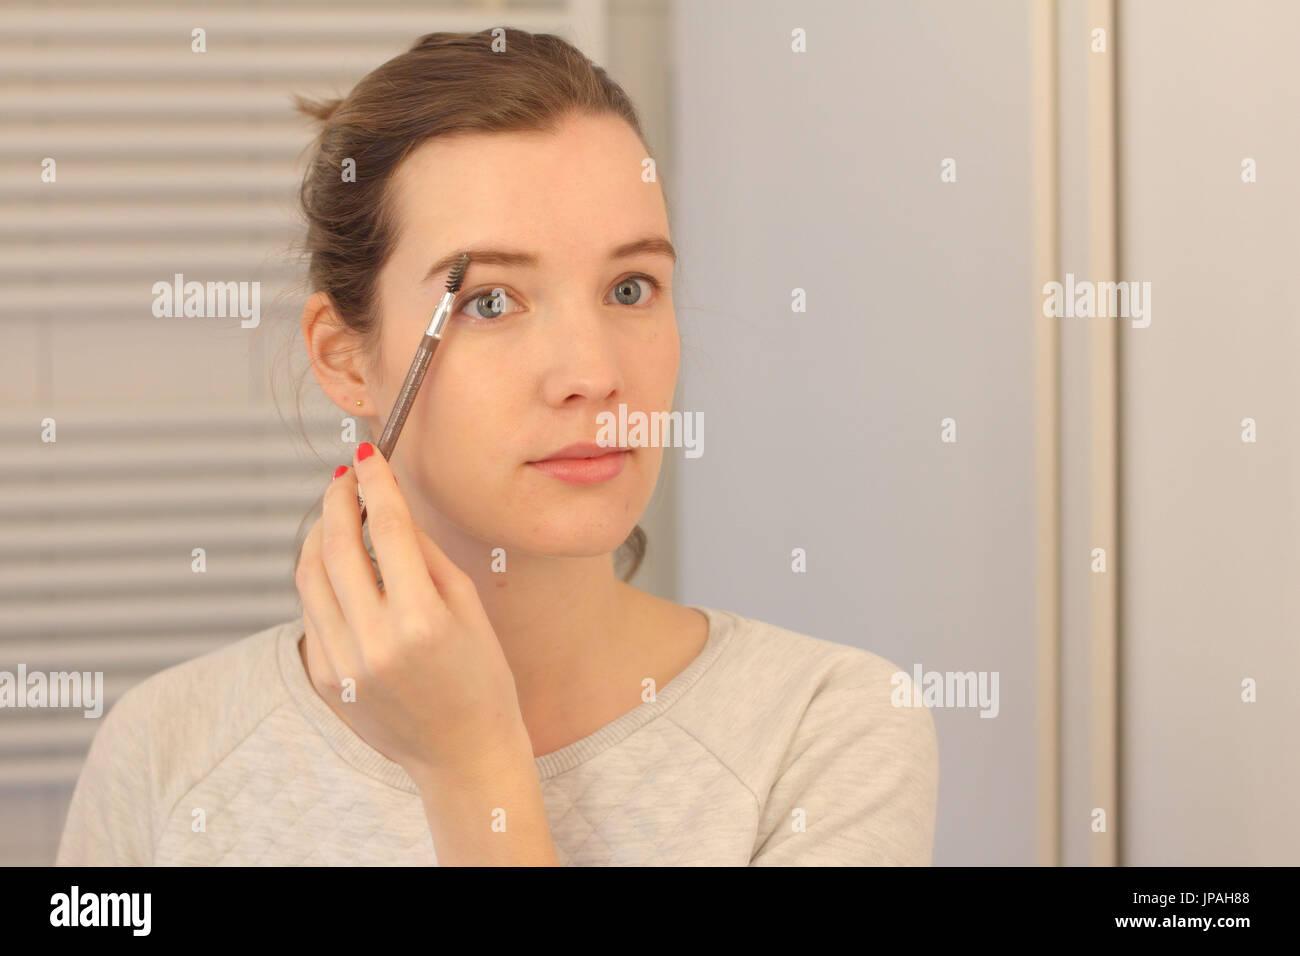 Woman Eyebrows Mirror Stock Photos Woman Eyebrows Mirror Stock